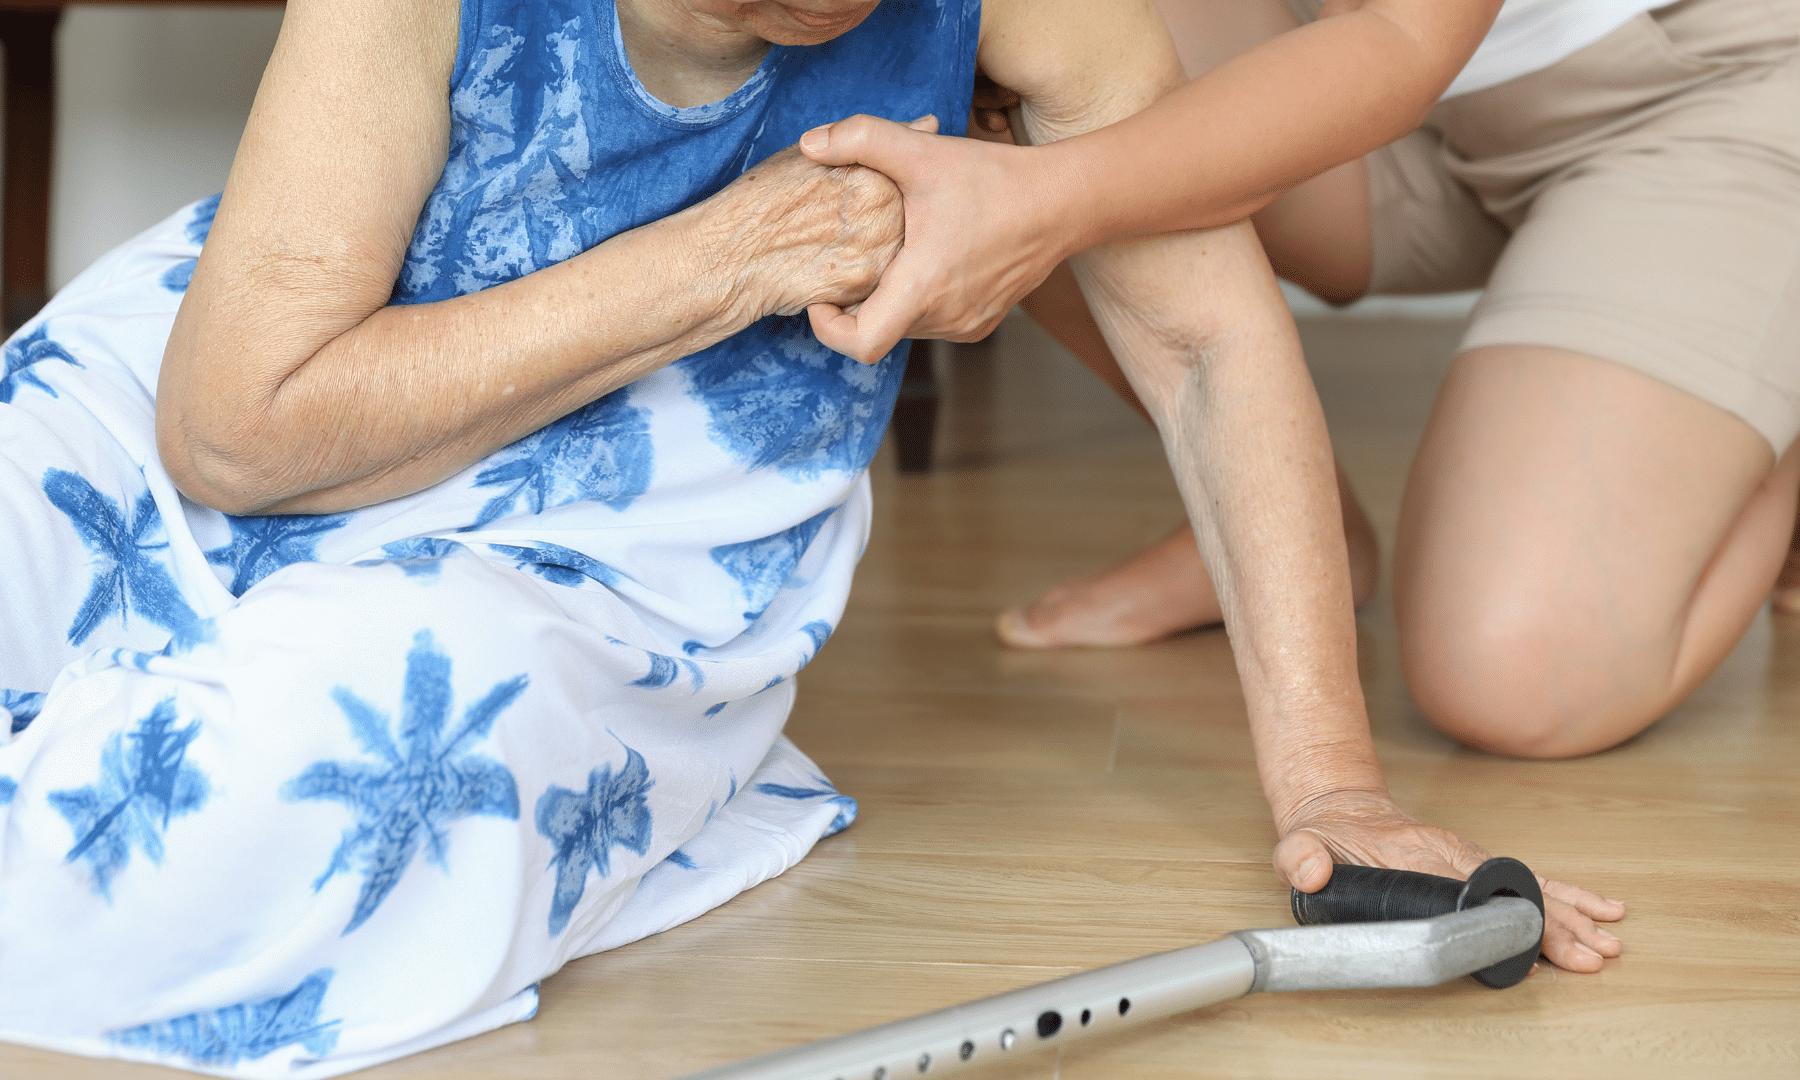 elderly woman fallen